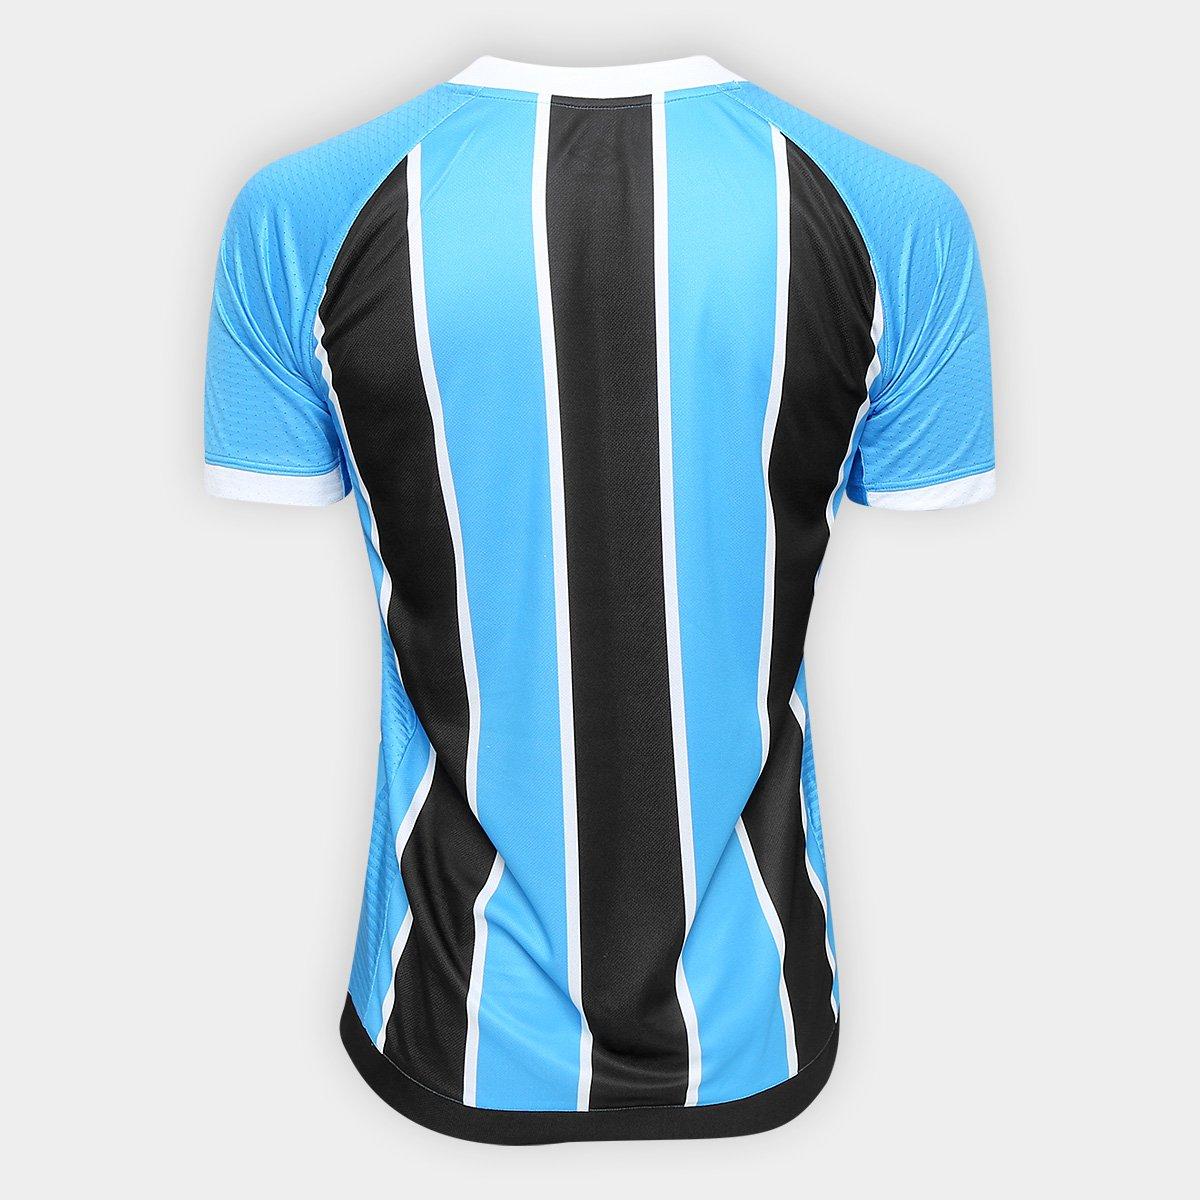 Camisa Grêmio I 17 18 s n° Torcedor Umbro Masculina - Compre Agora ... 19a99560306a2